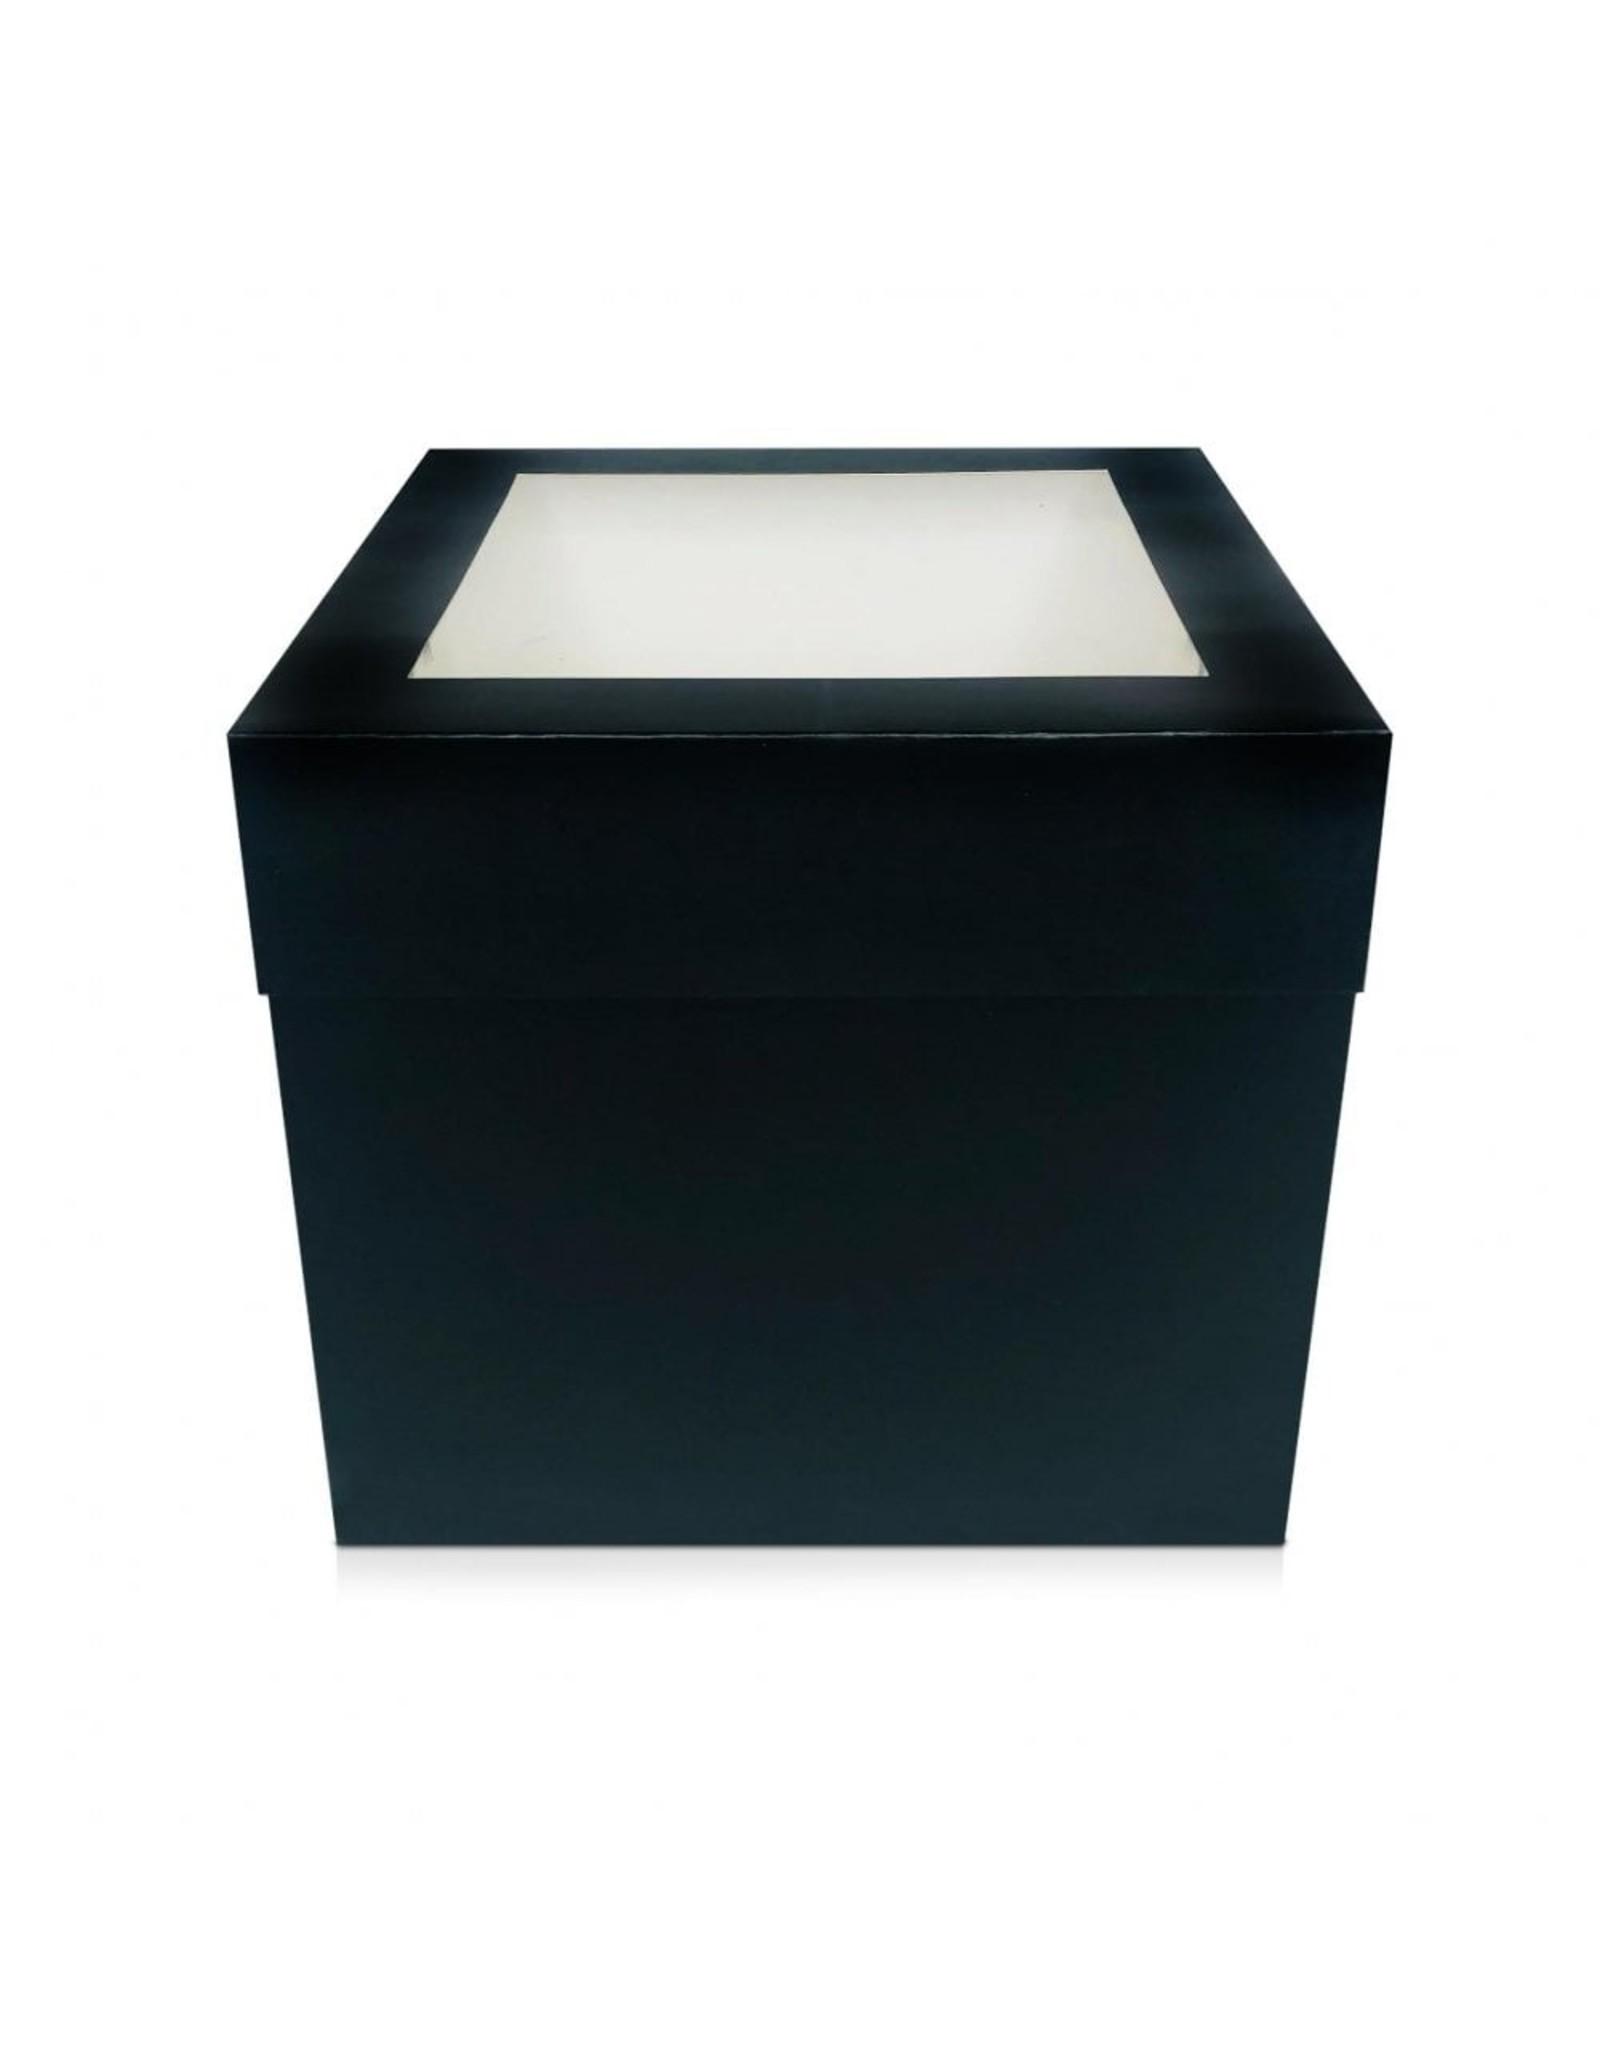 Zwarte hoge taartdoos - 266 x 266 x 254 mm (per 25 stuks)